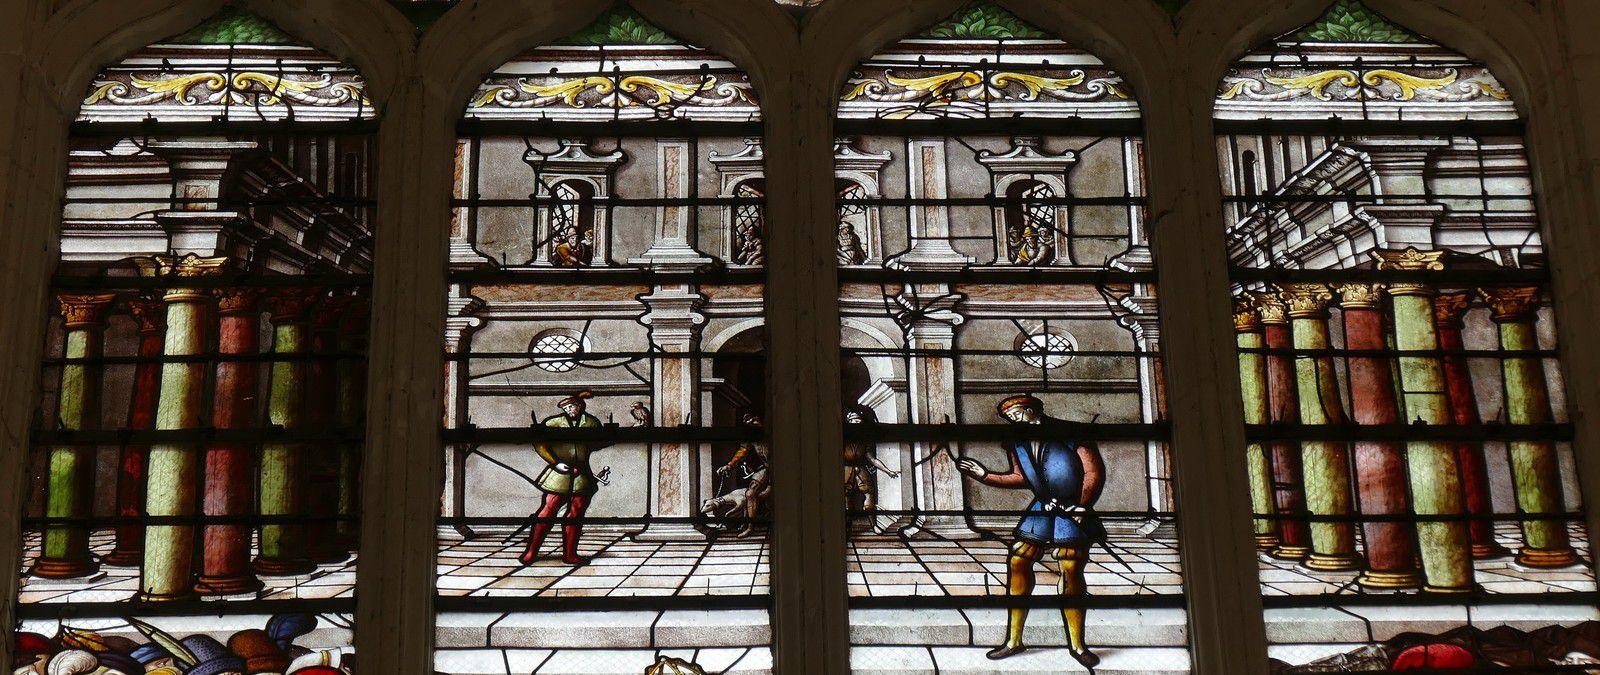 Vie et mort de saint Louis, registre médian des vitraux de la sainte-chapelle de Champigny-sur-Veude. Photographie lavieb-aile 2019.